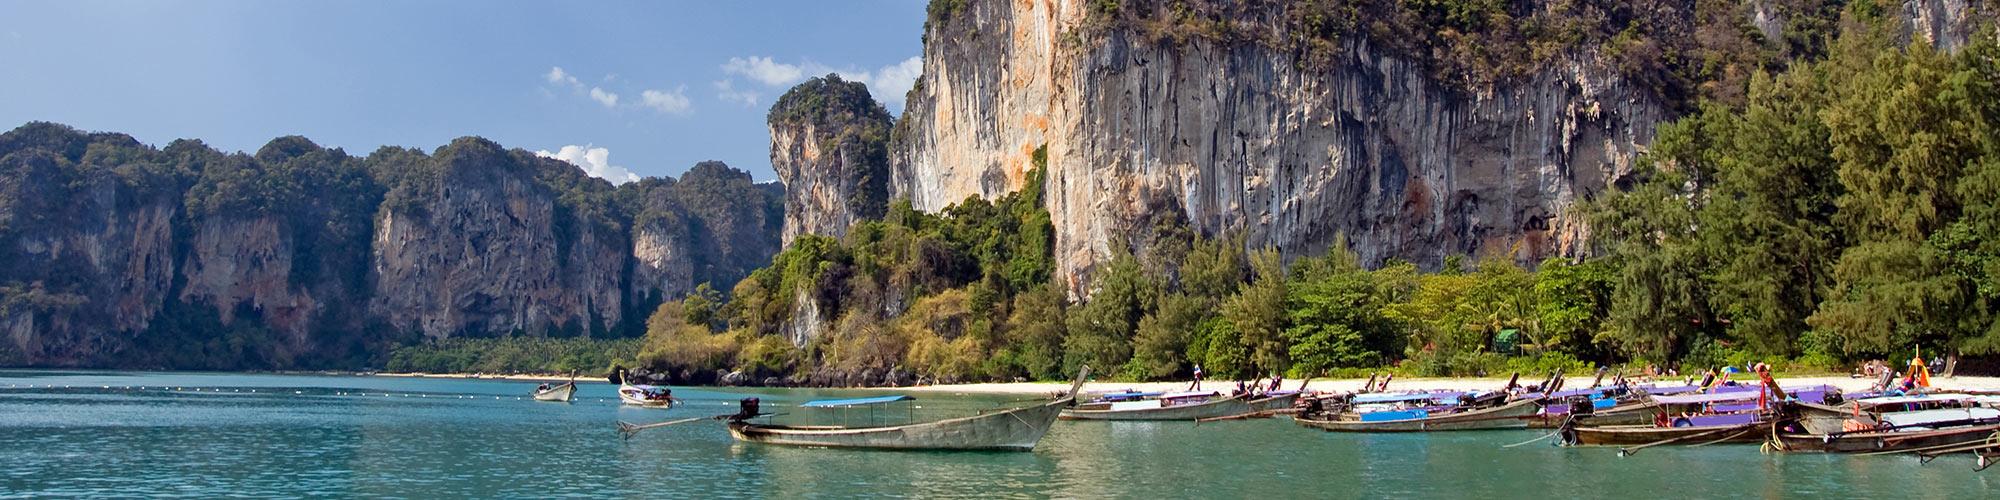 thailand-banner-3.jpg